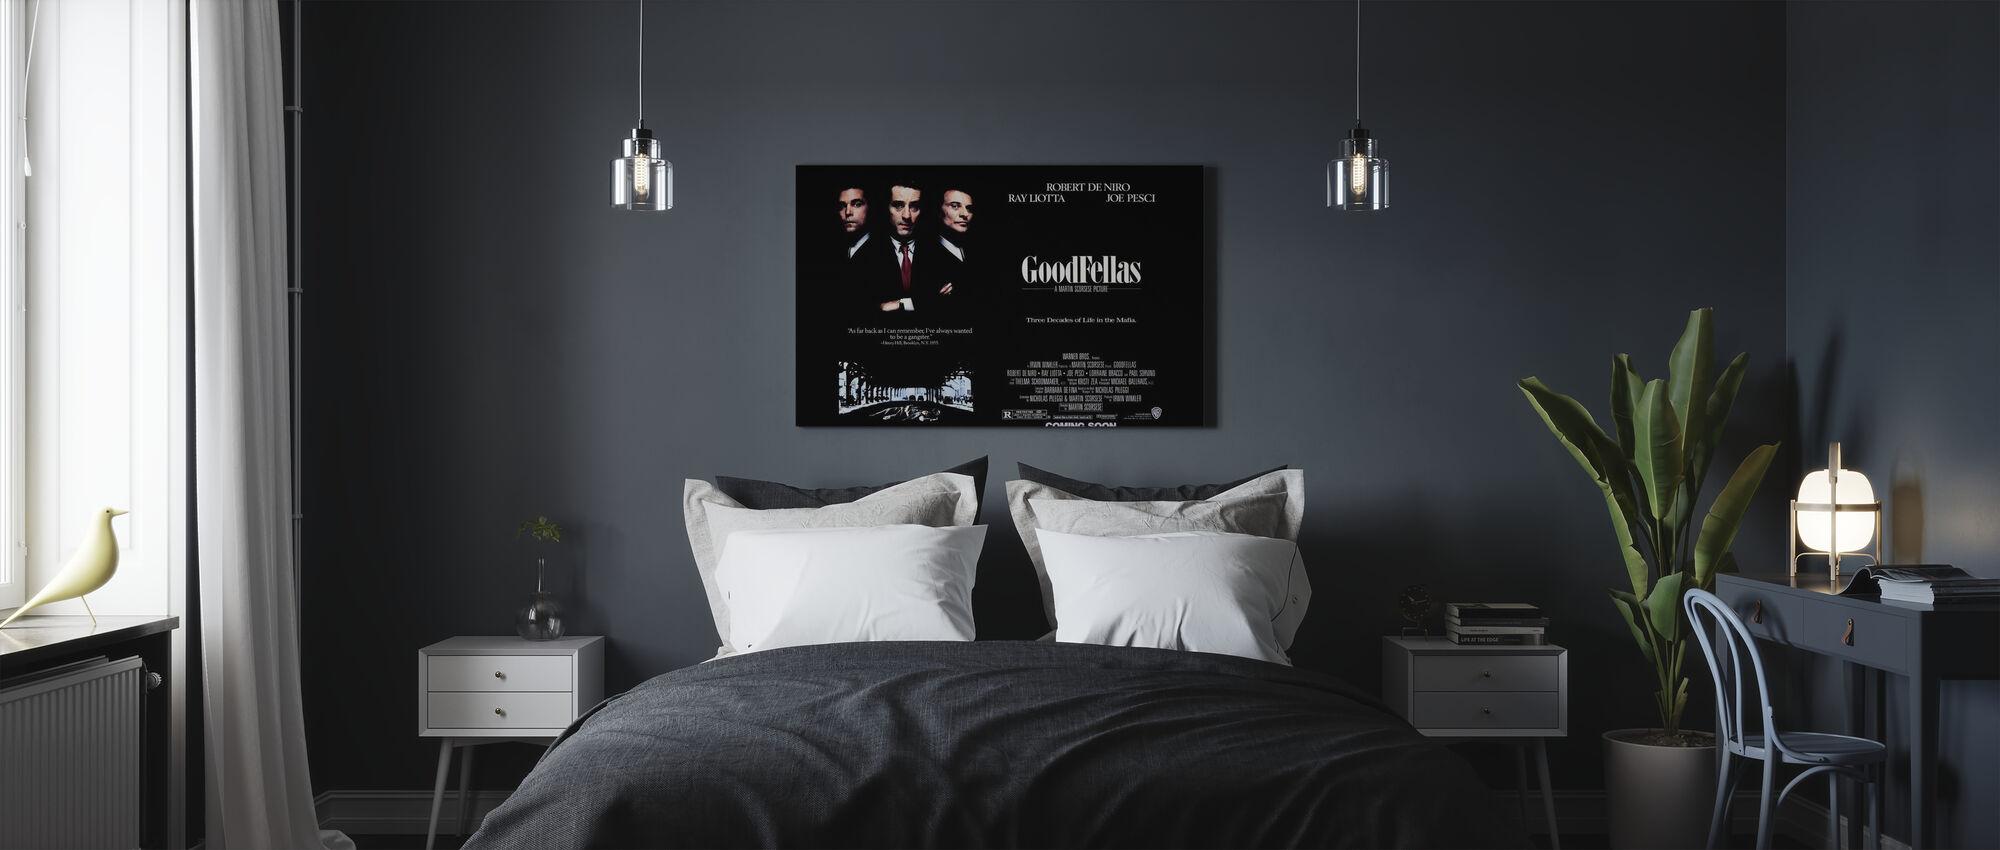 Goodfellas - Canvas print - Bedroom